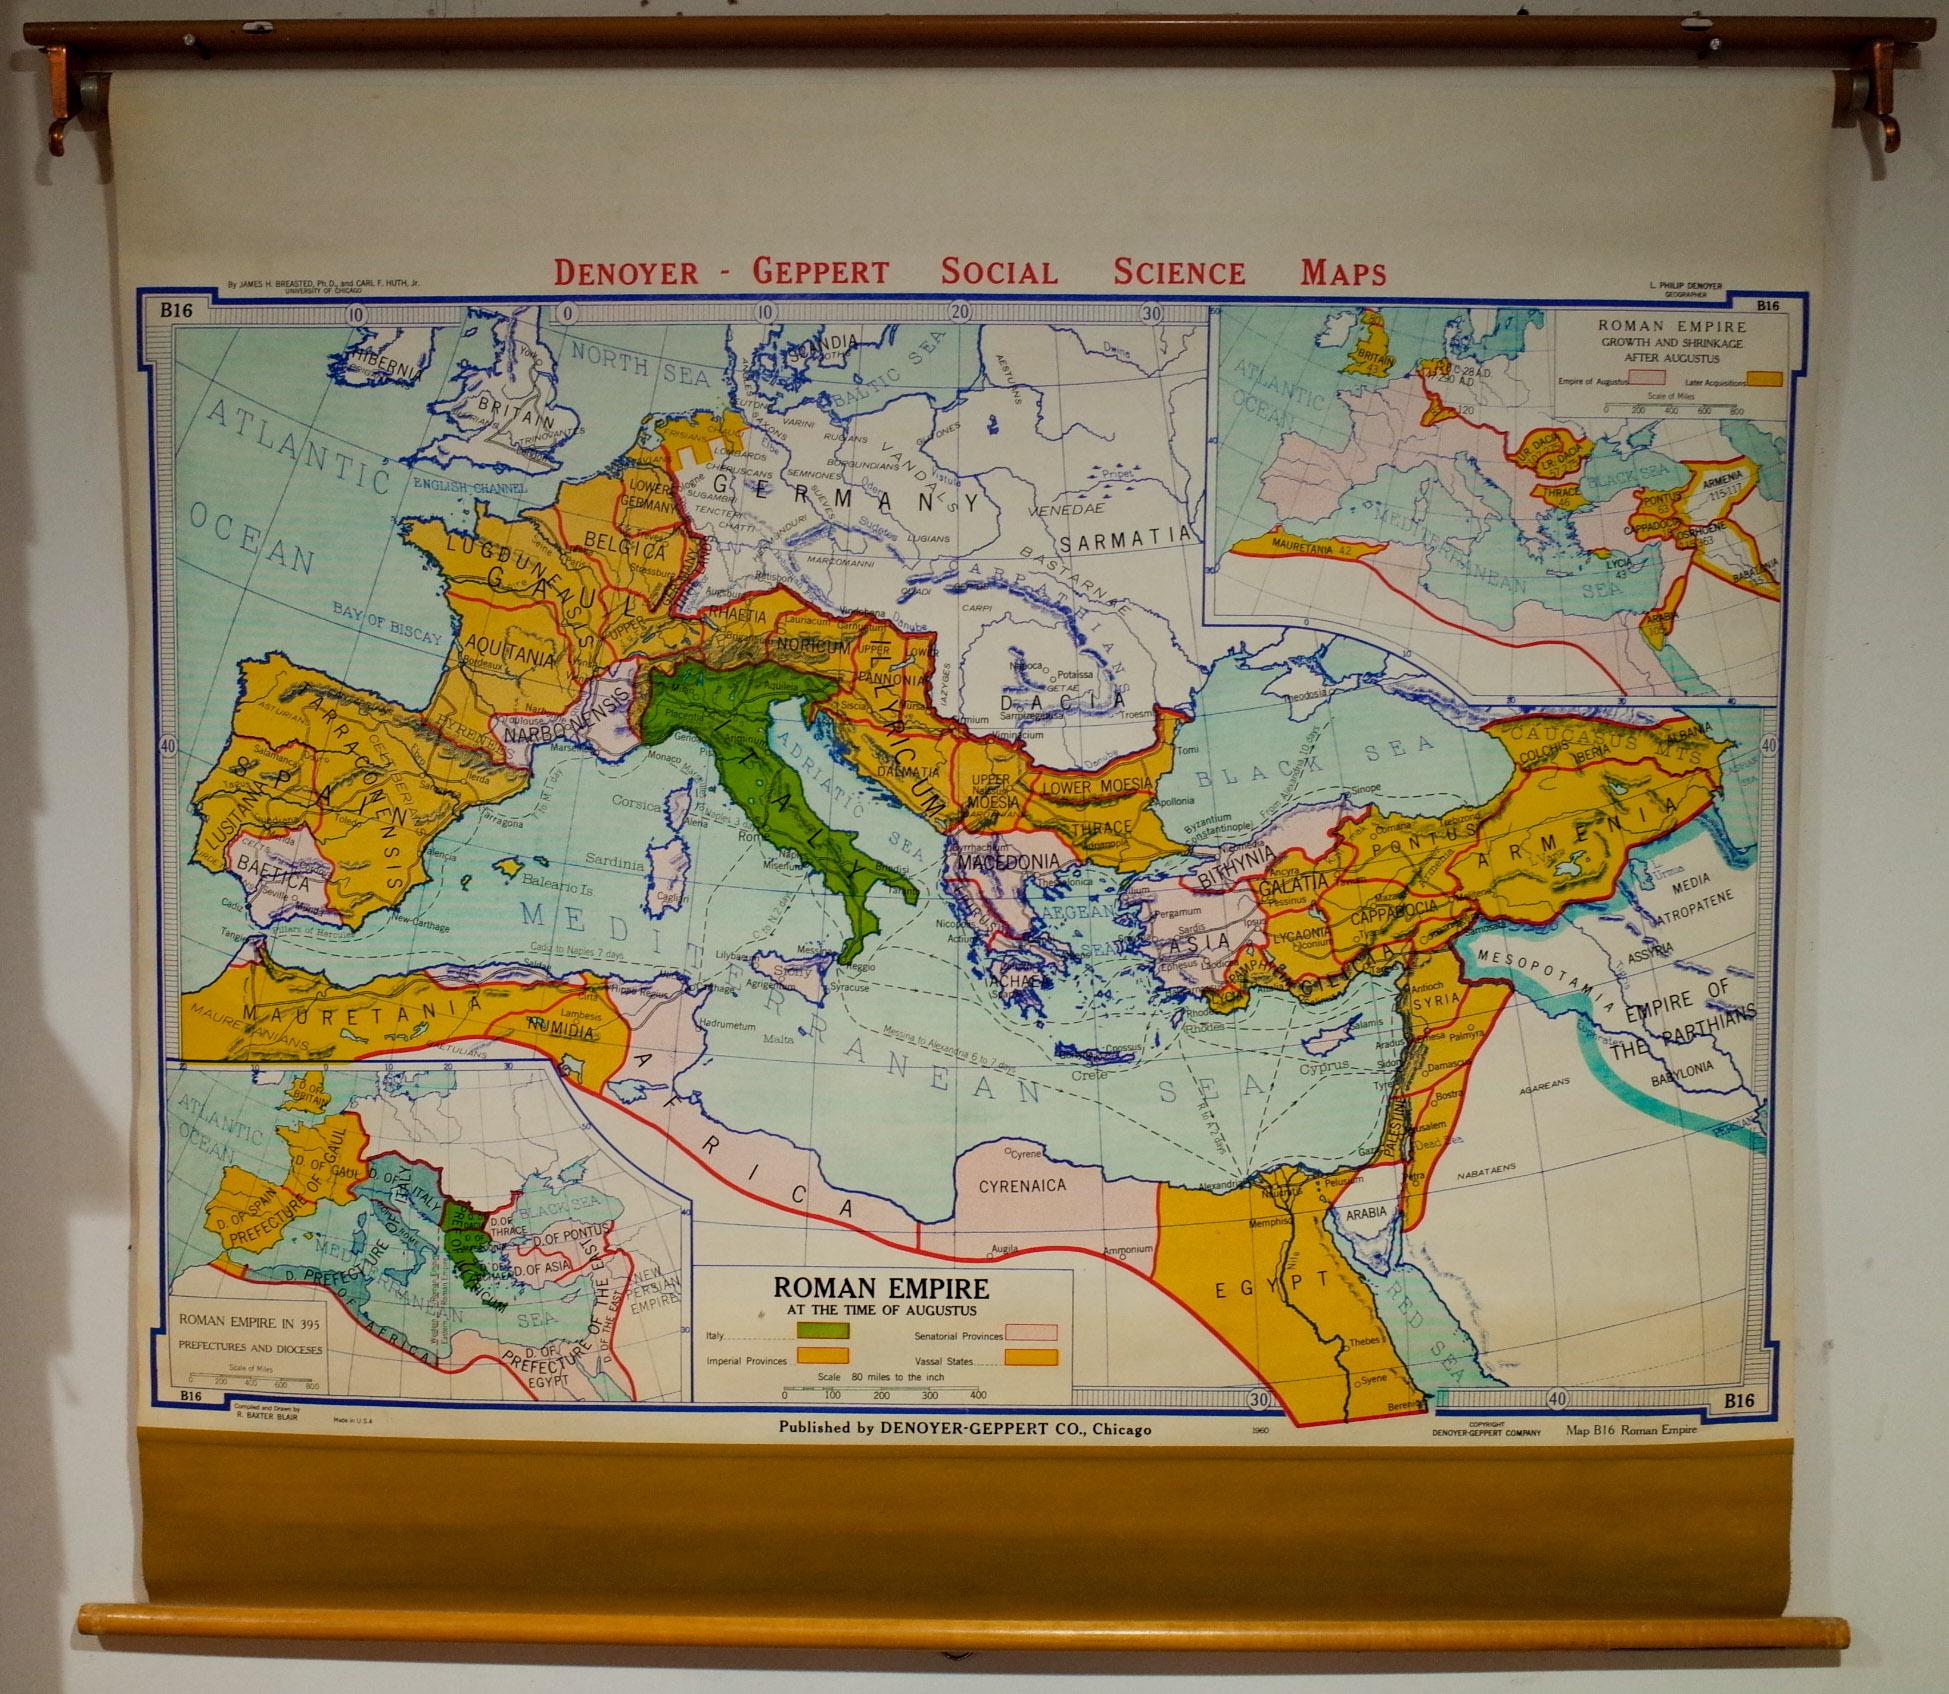 roman-empire-denoyer-geppert-social-science-maps.jpg